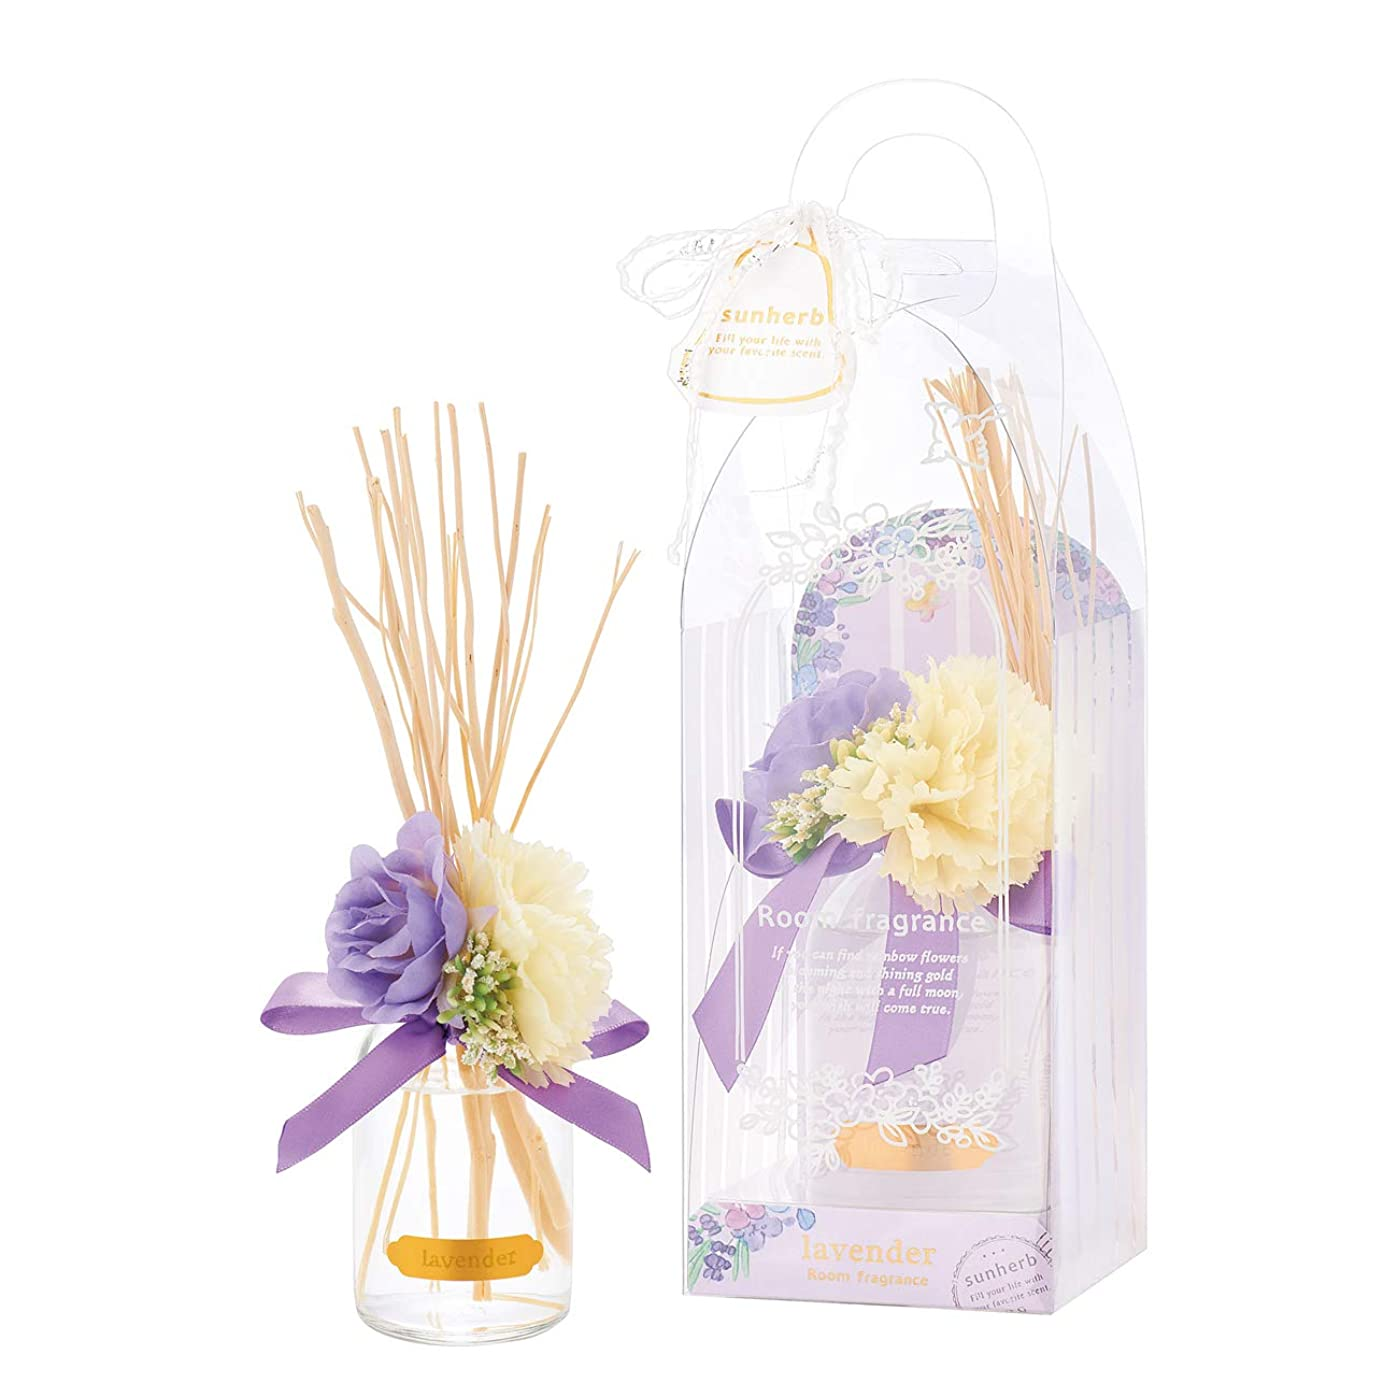 ロッジ生理鎮静剤サンハーブ ルームフレグランスフラワー ラベンダー 100ml(芳香剤 花かざり付 ふわっと爽やかなラベンダーの香り)